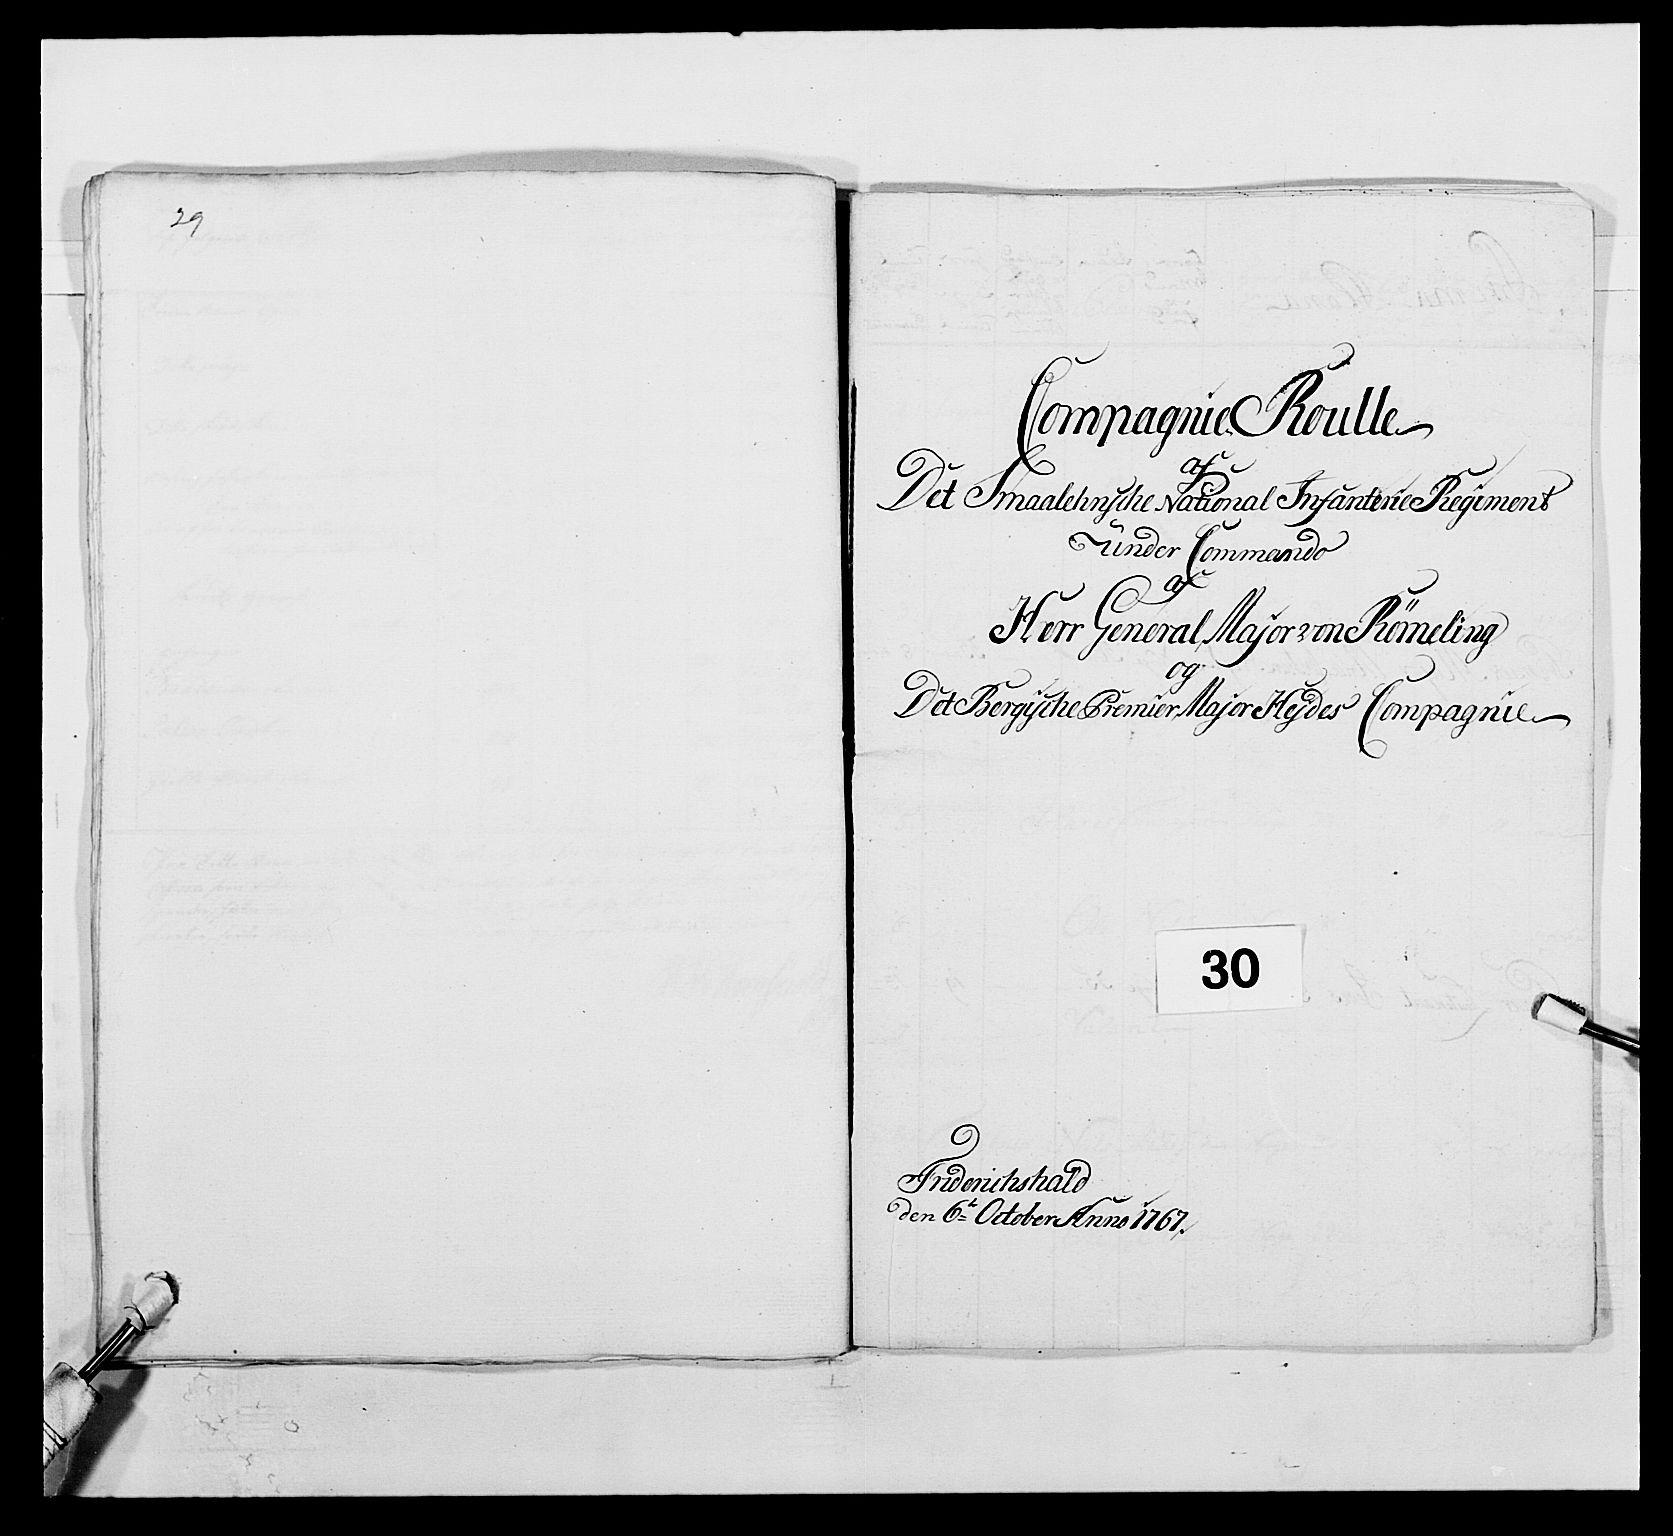 RA, Kommanderende general (KG I) med Det norske krigsdirektorium, E/Ea/L0496: 1. Smålenske regiment, 1765-1767, s. 553